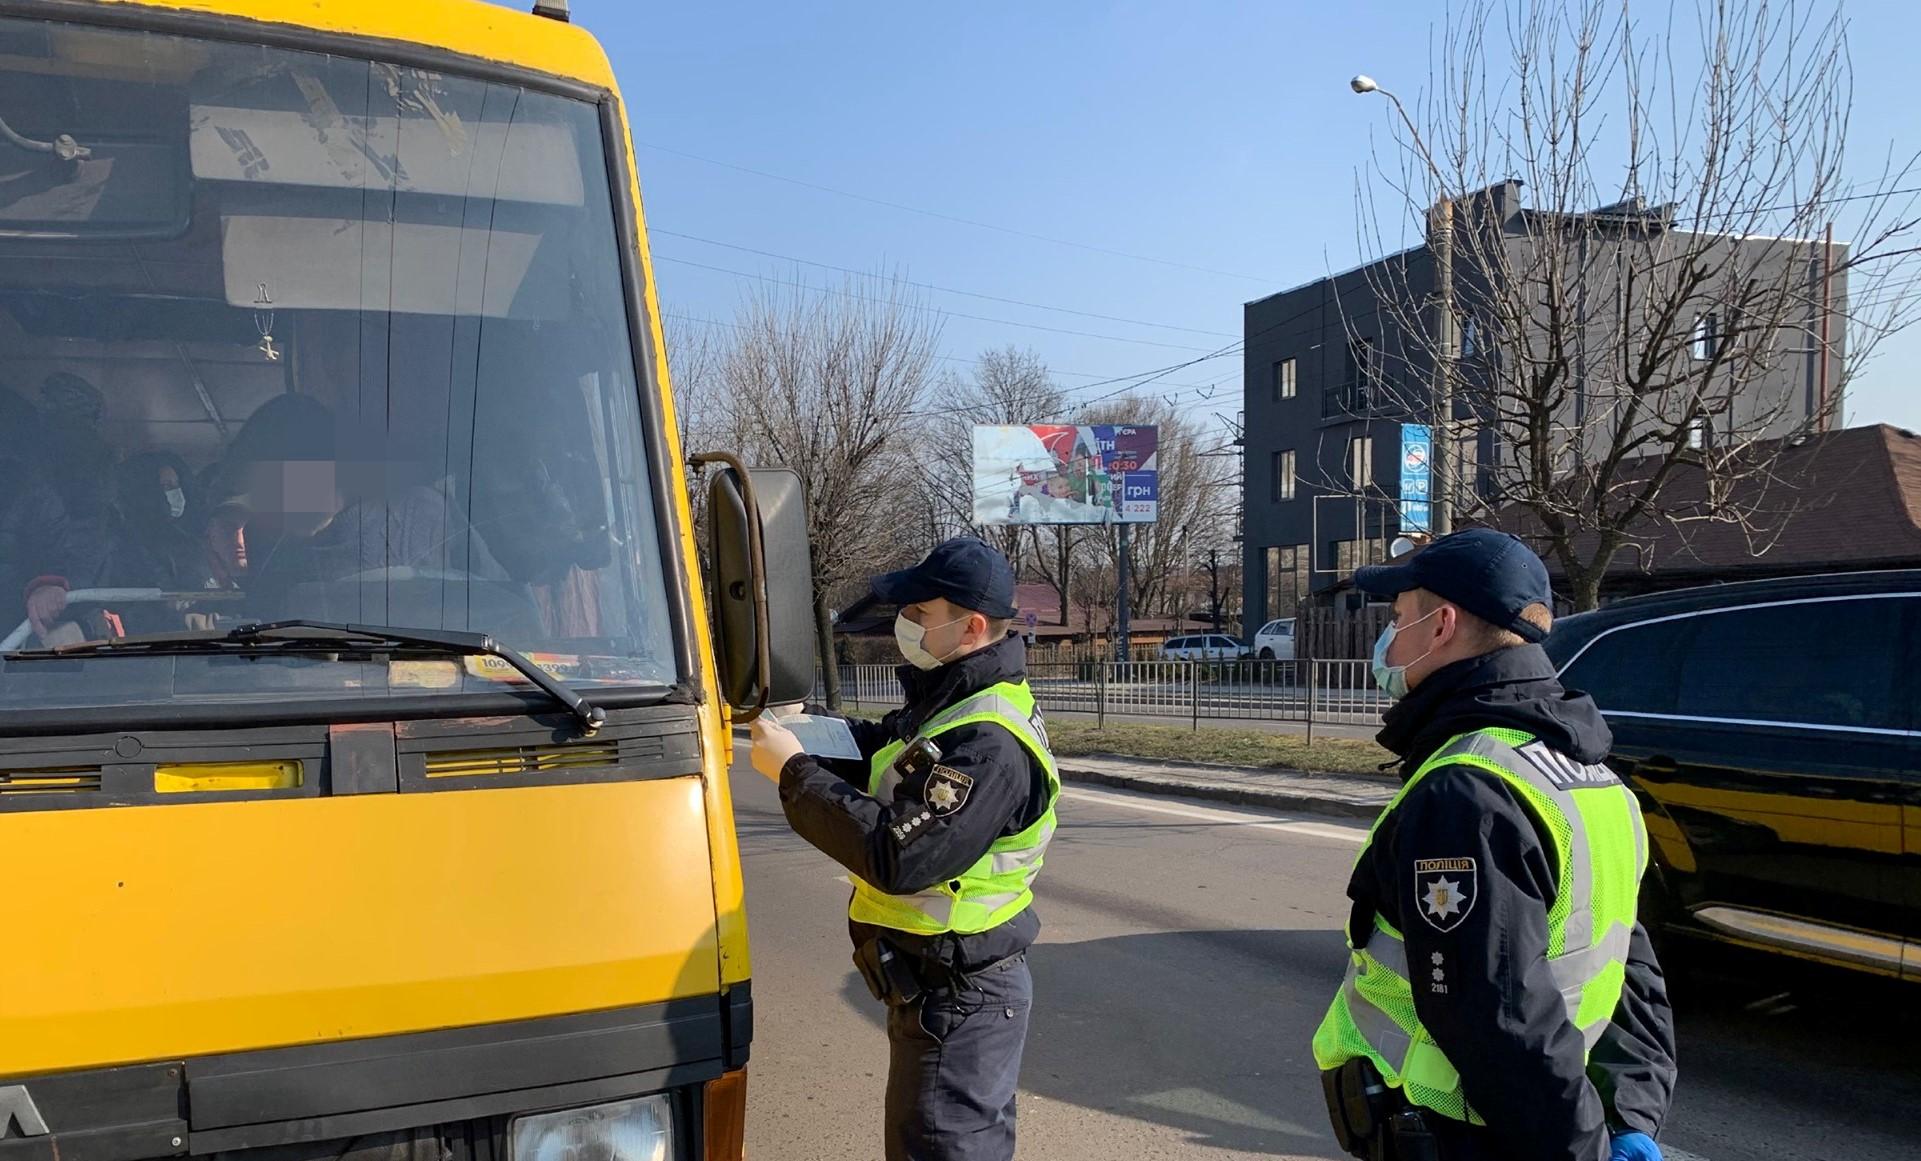 У Львові патрульні оштрафували 5 водіїв маршруток, які перевозили понад 10 пасажирів